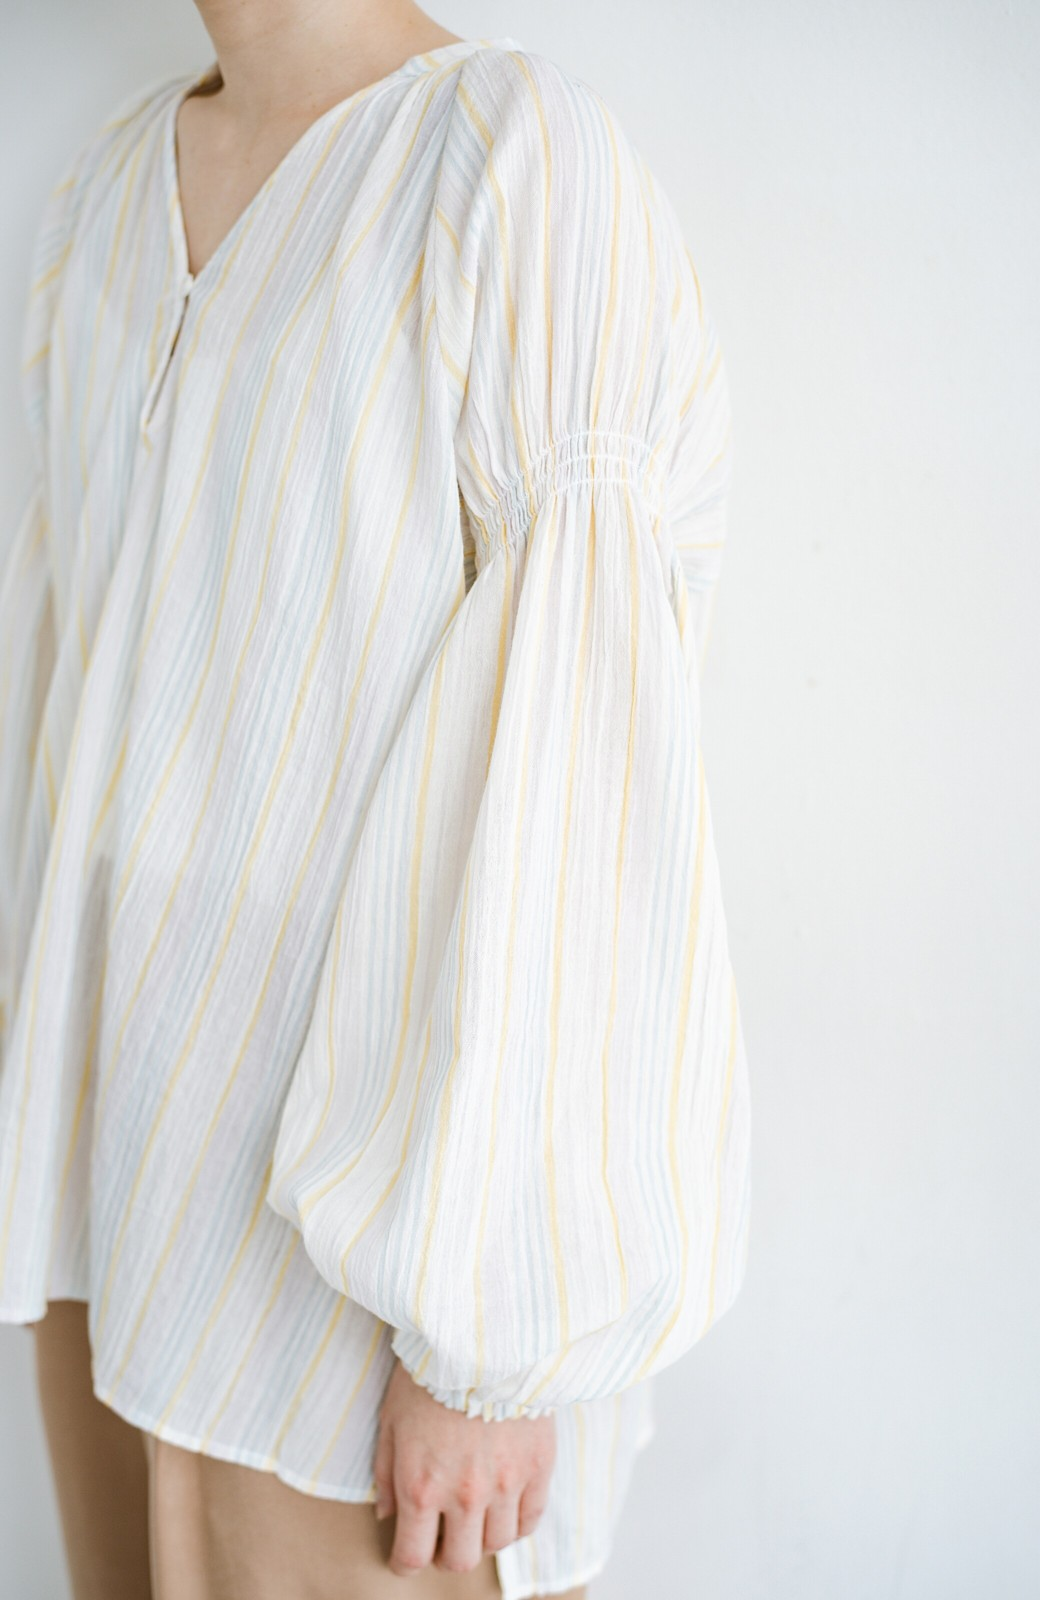 haco! 気になるところをかわいく隠してぱっと華やか やわらかな楊柳ストライプブラウス <ホワイト×イエロー>の商品写真5